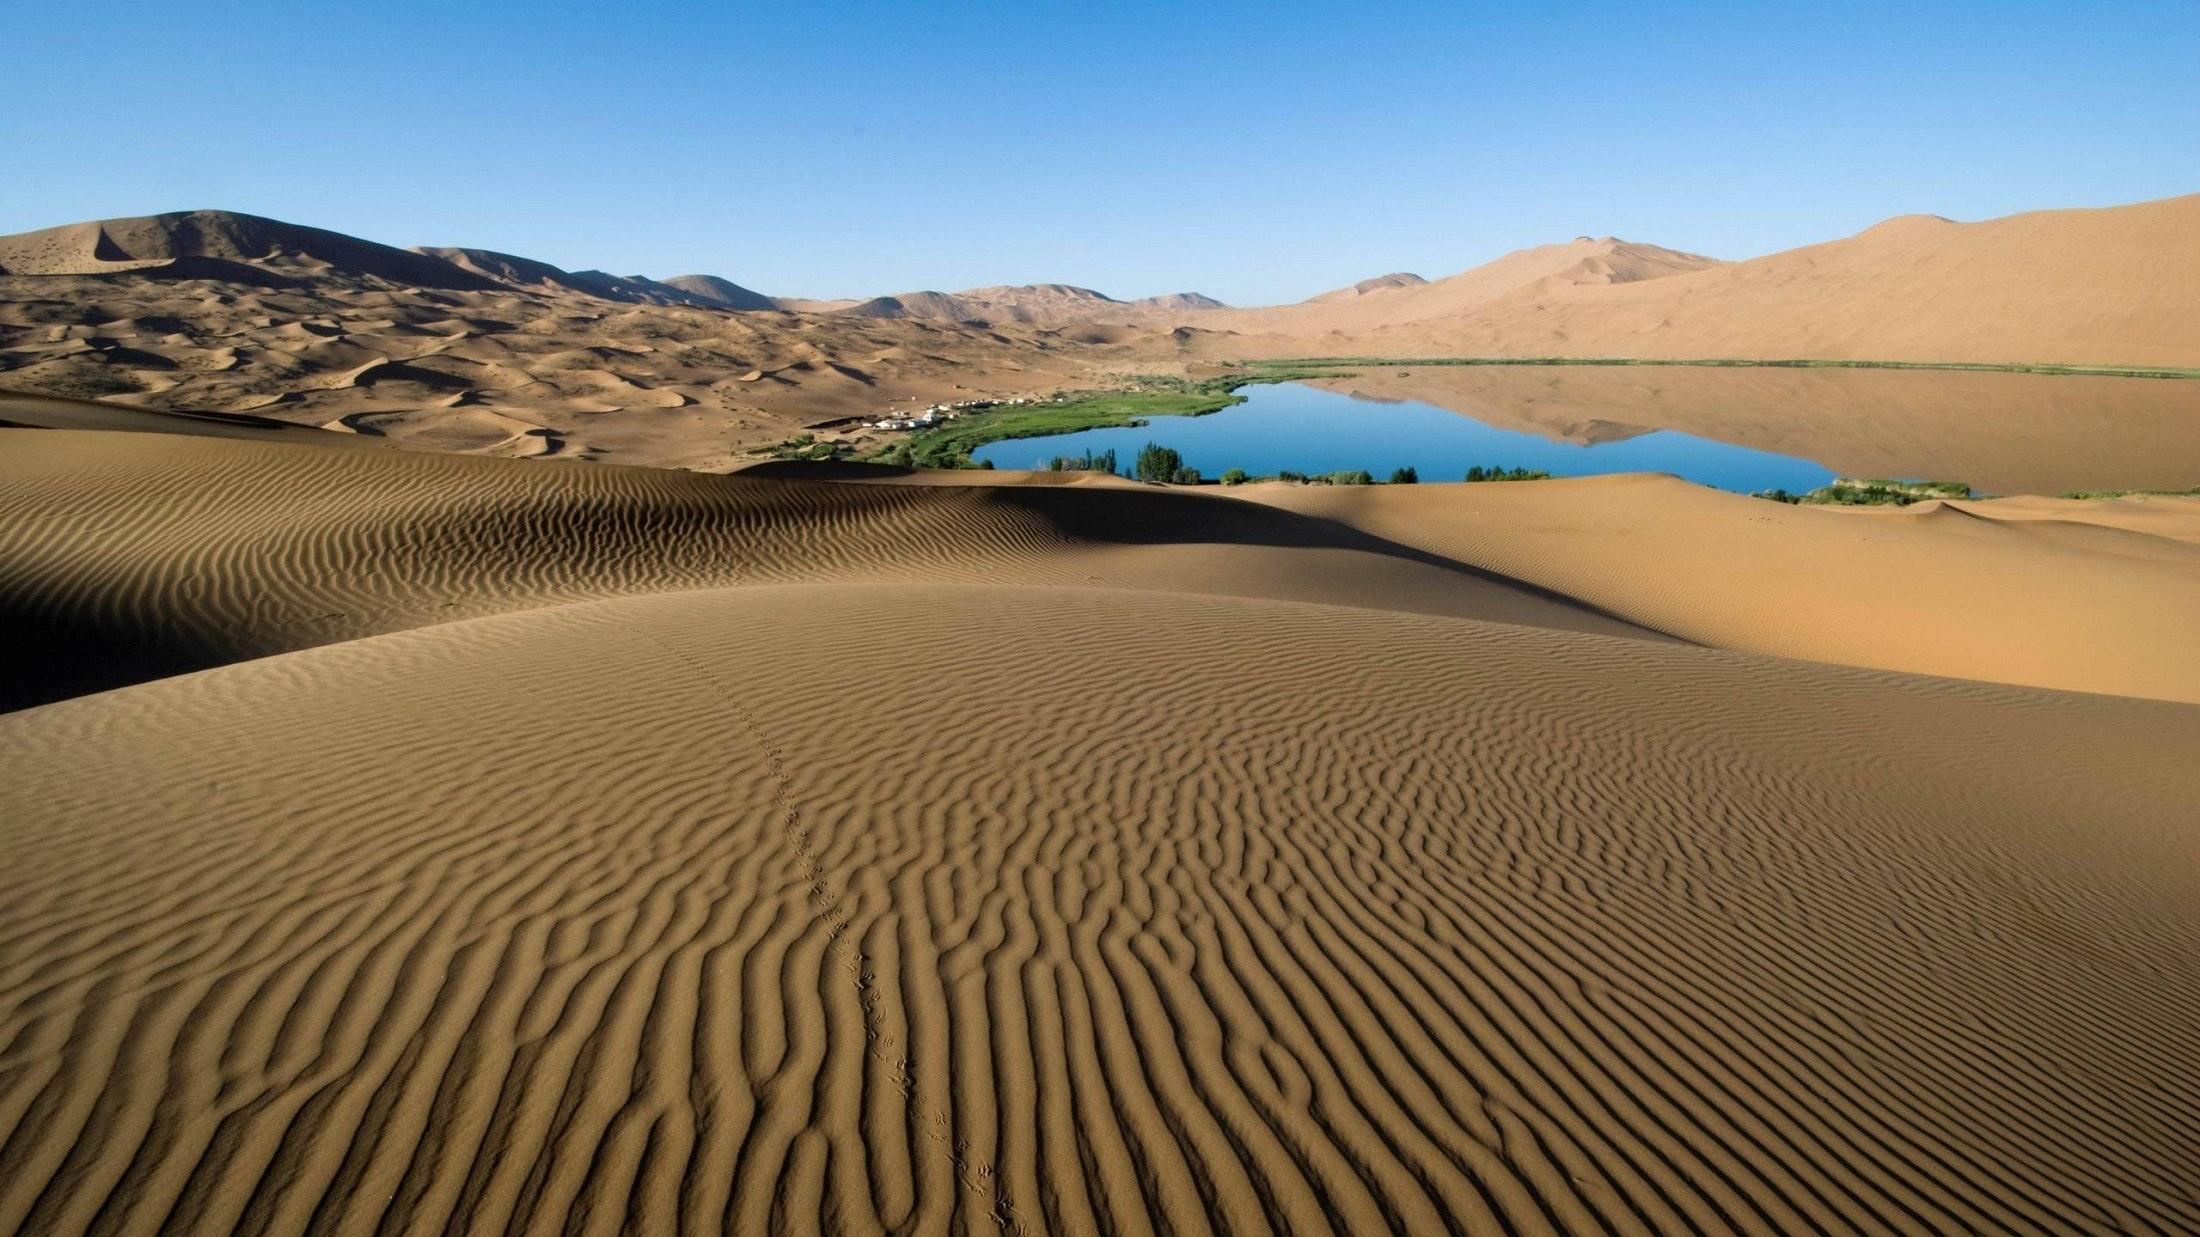 desertification1.jpg